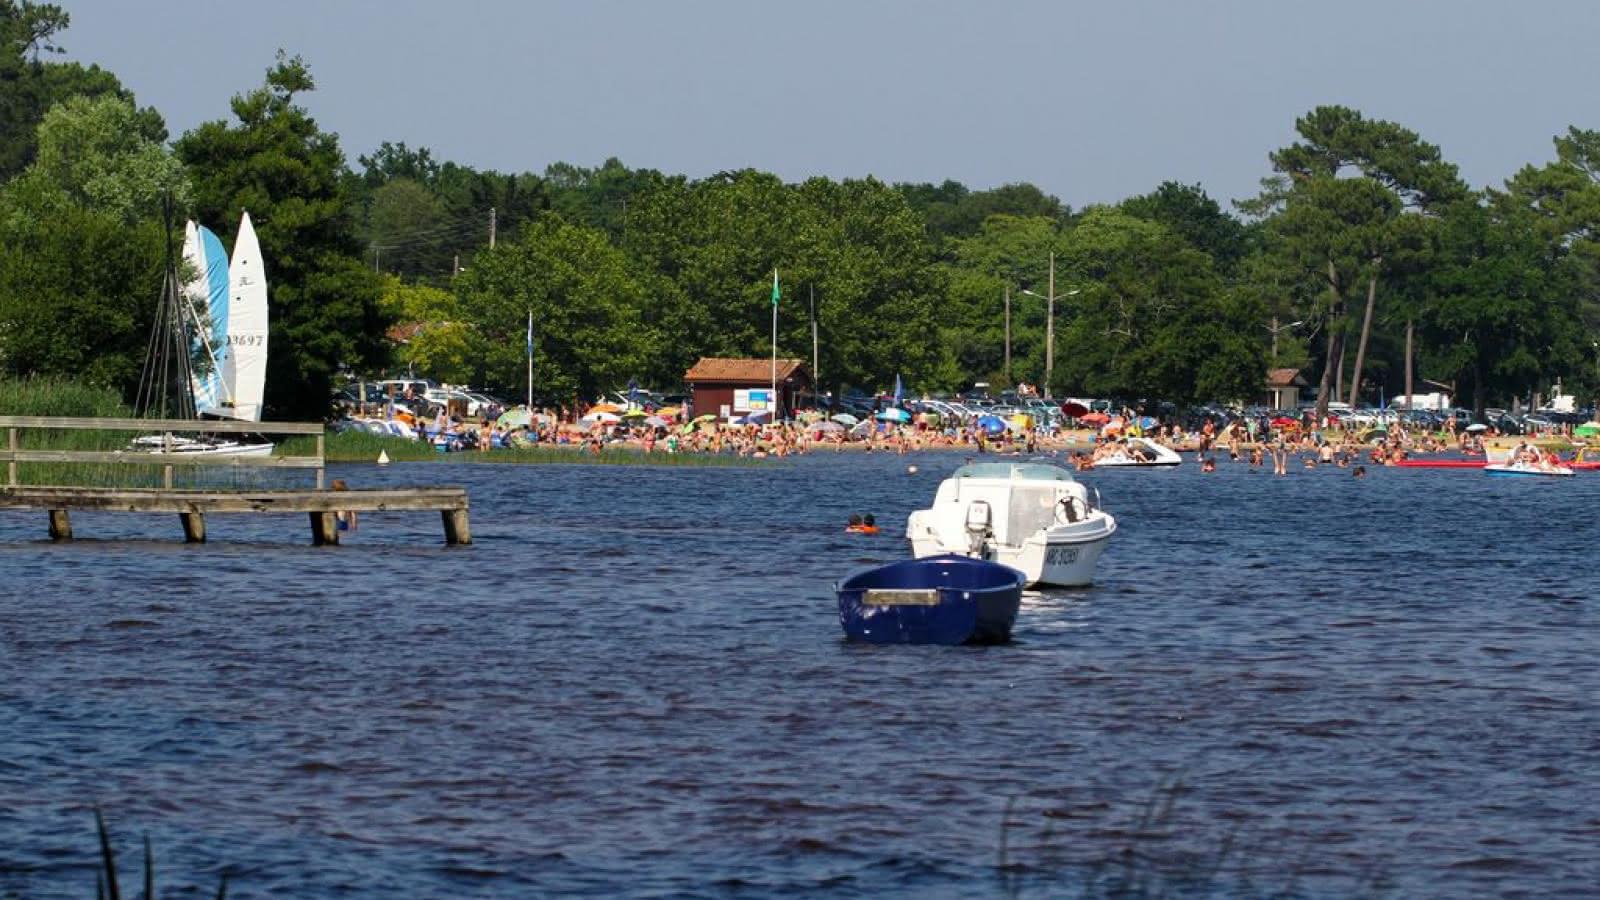 Lac - © Djé - 1 moment 1 image (16)